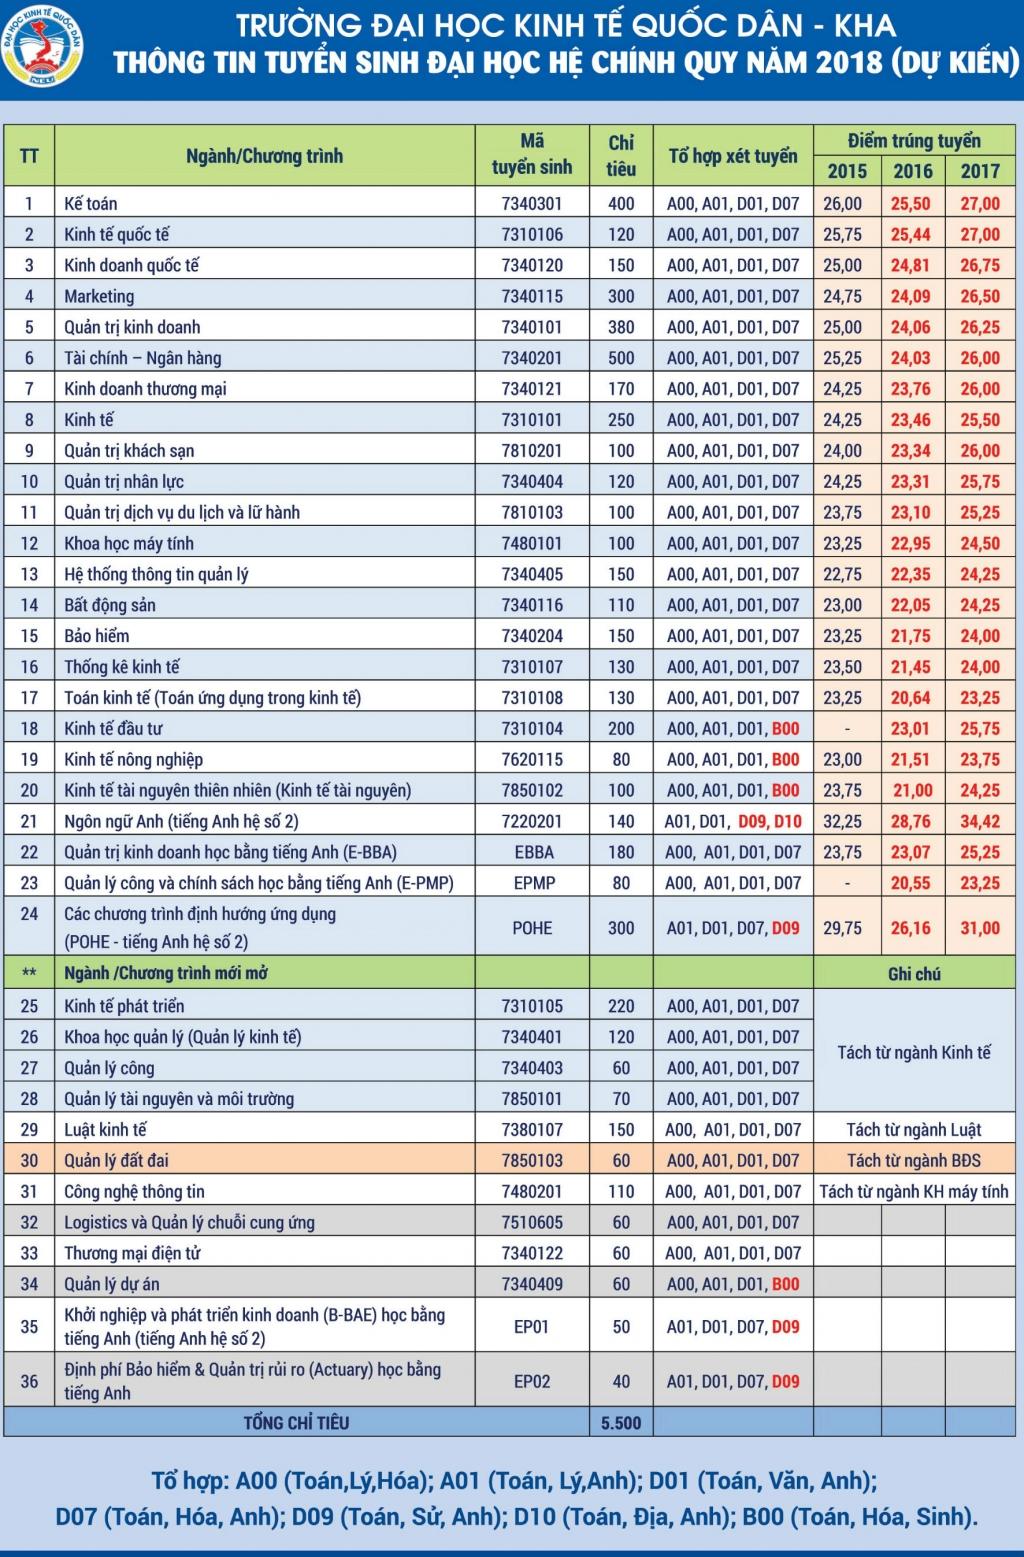 Điểm chuẩn năm 2018 của Đại học Kinh tế quốc dân là bao nhiêu?